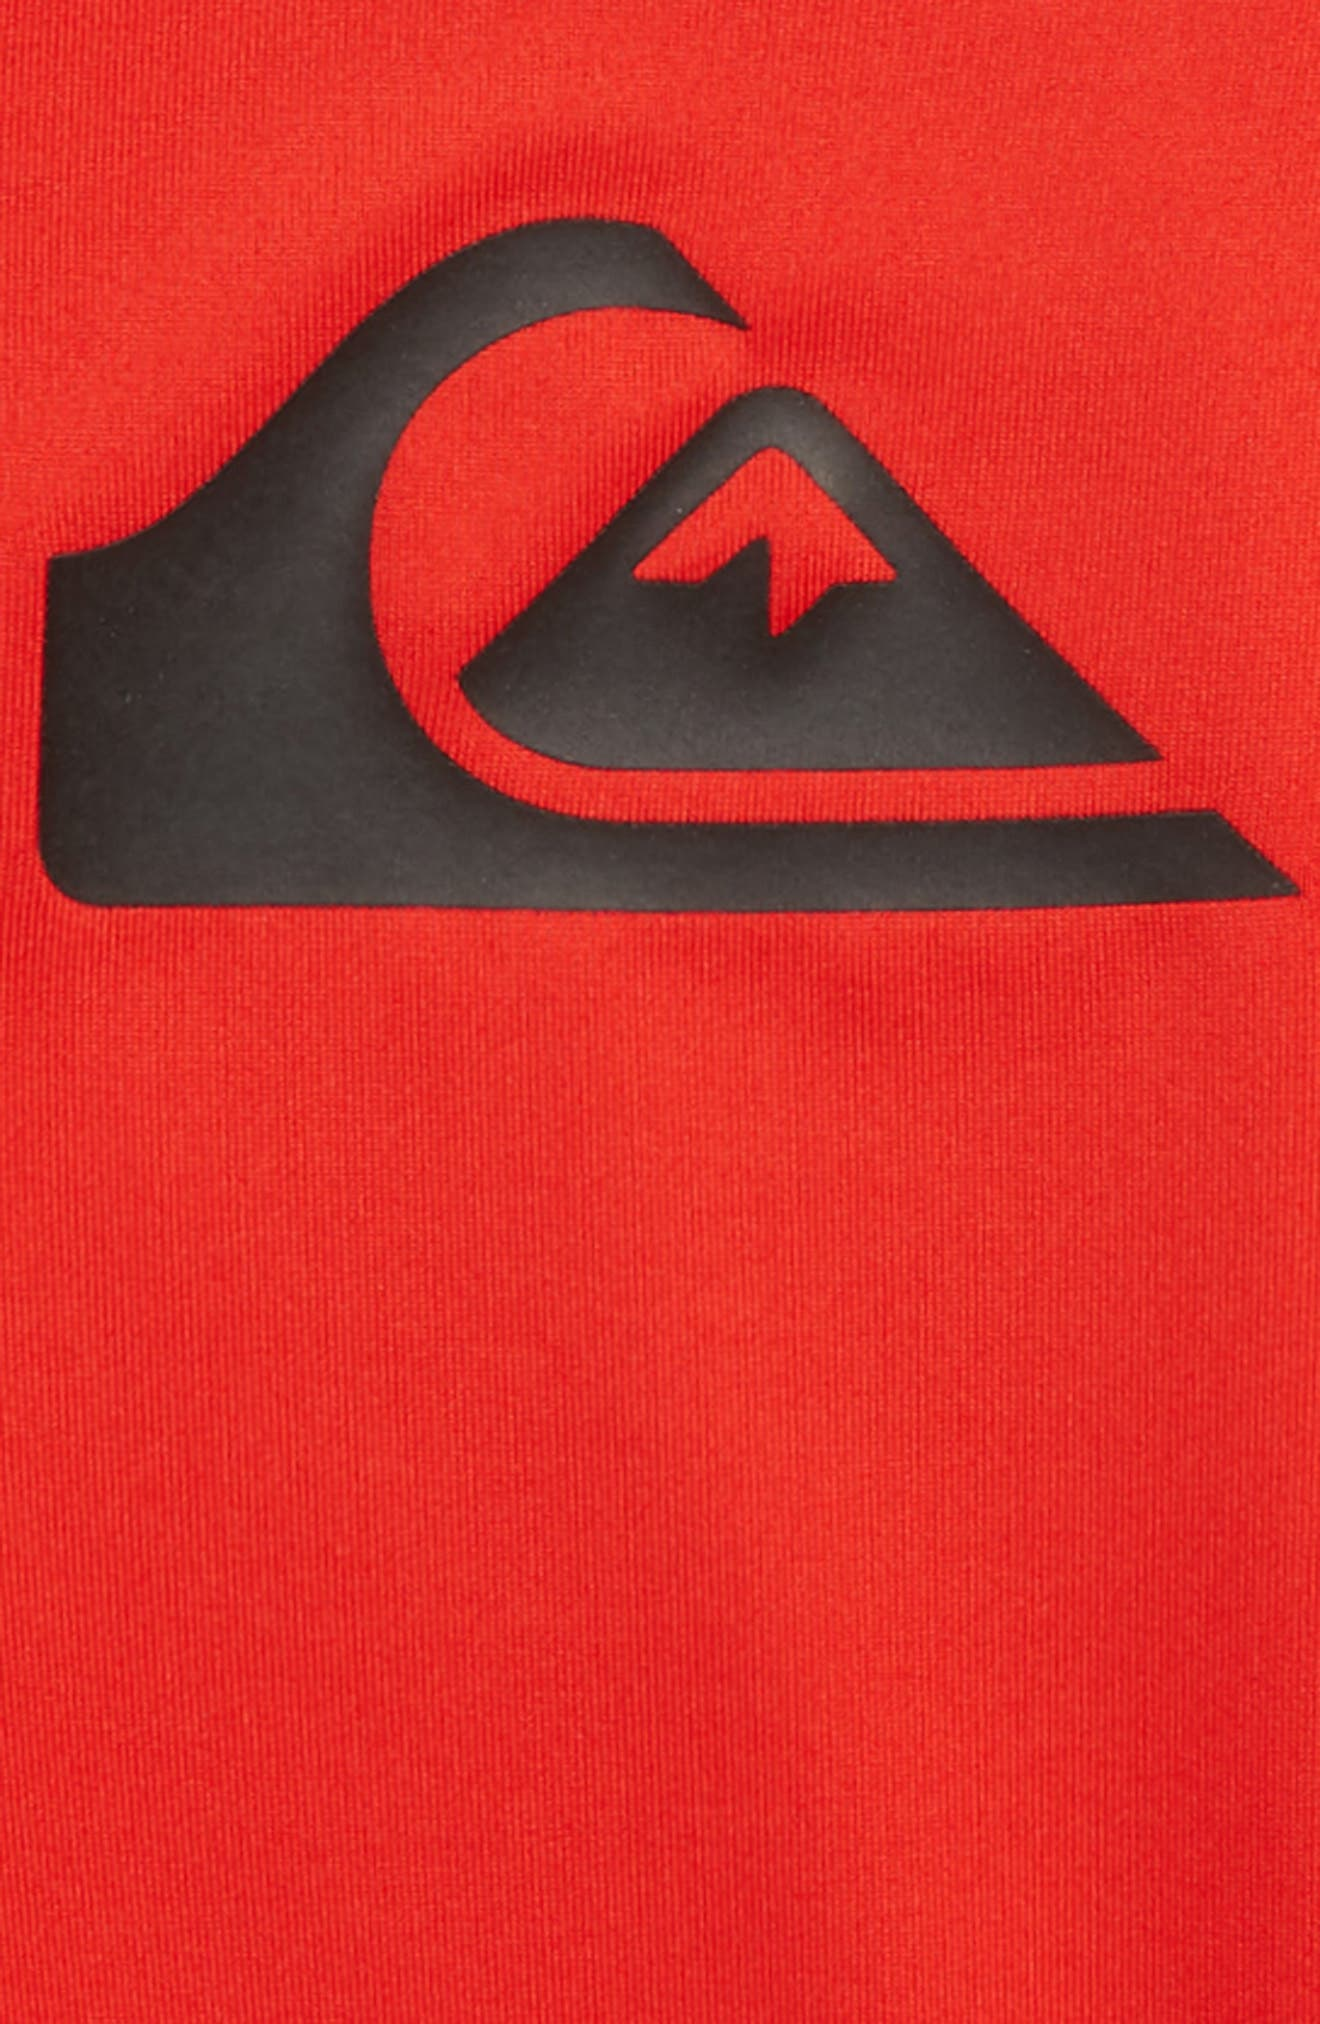 Logo Rashguard Shirt,                             Alternate thumbnail 4, color,